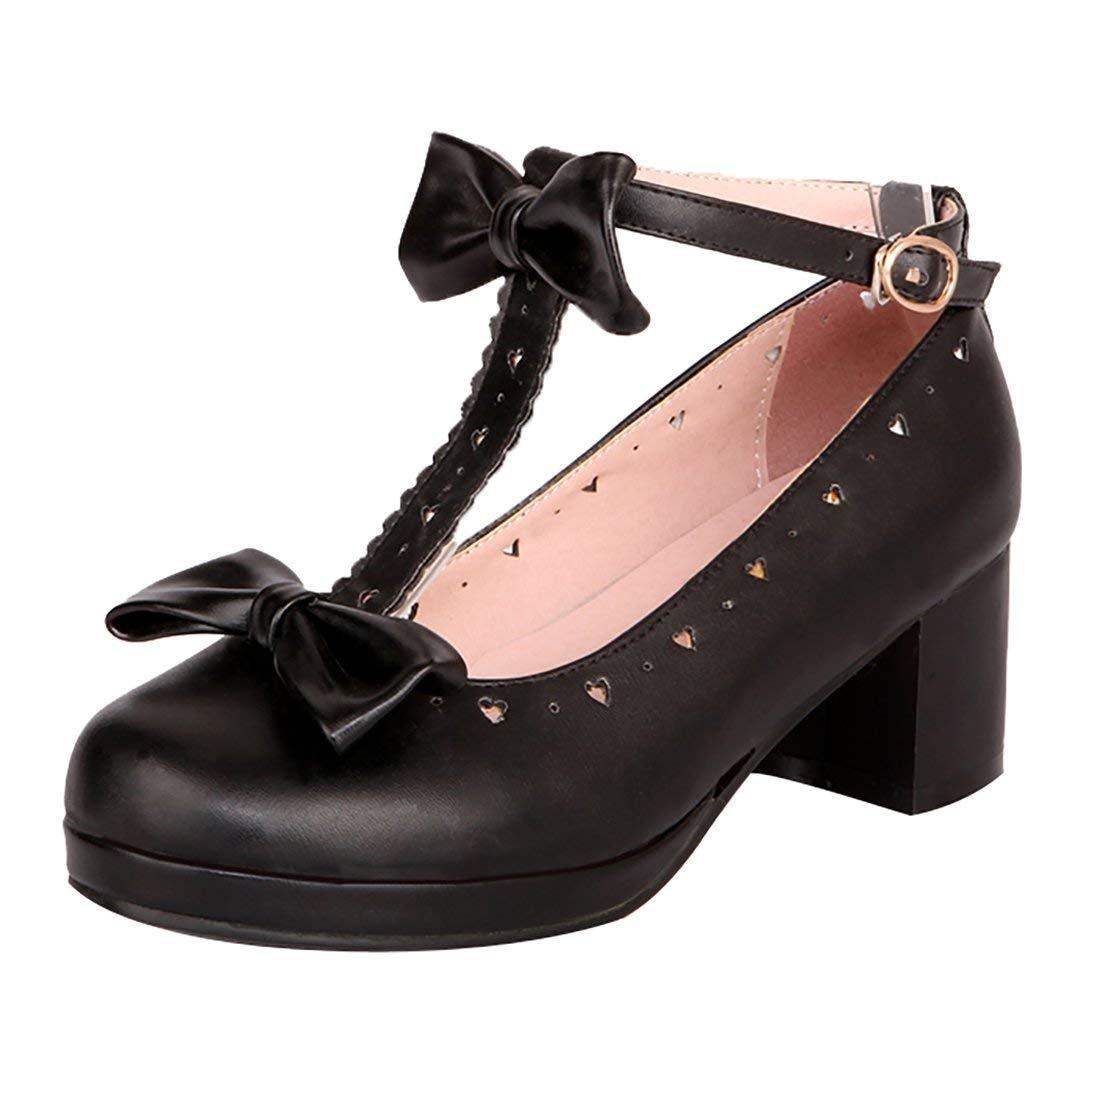 YE Noir Escarpin Rockabilly Femme Talon YE Bloc Lanière Femme en T Boucle Chaussure Noeud Pallion Noir 2b72b76 - deadsea.space